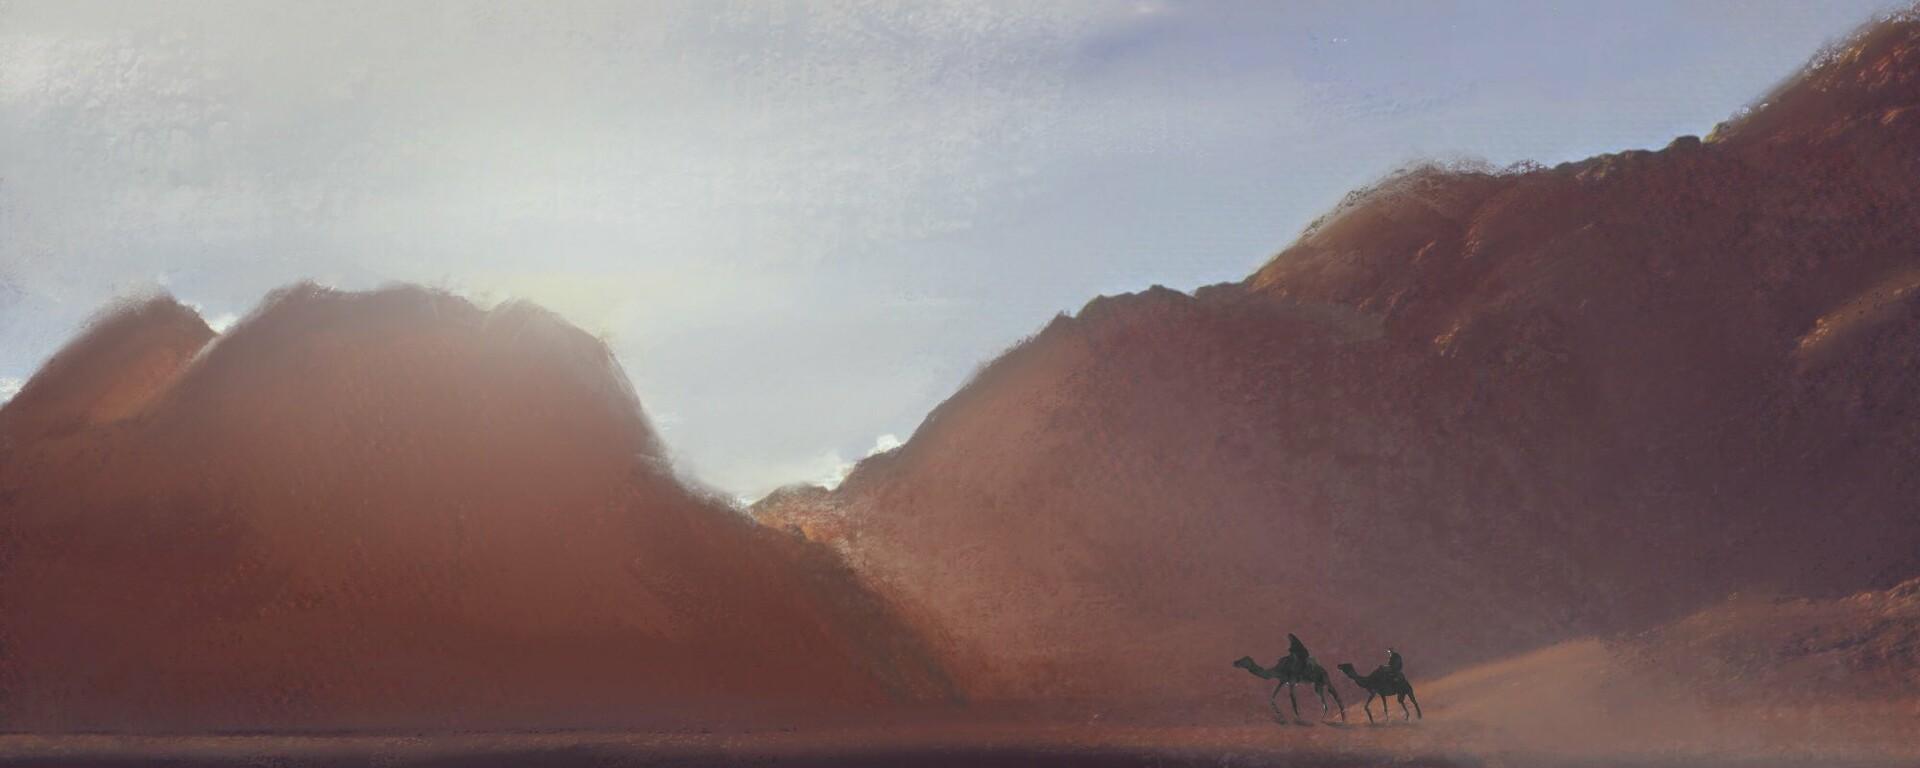 Craig morrison landscape20190227